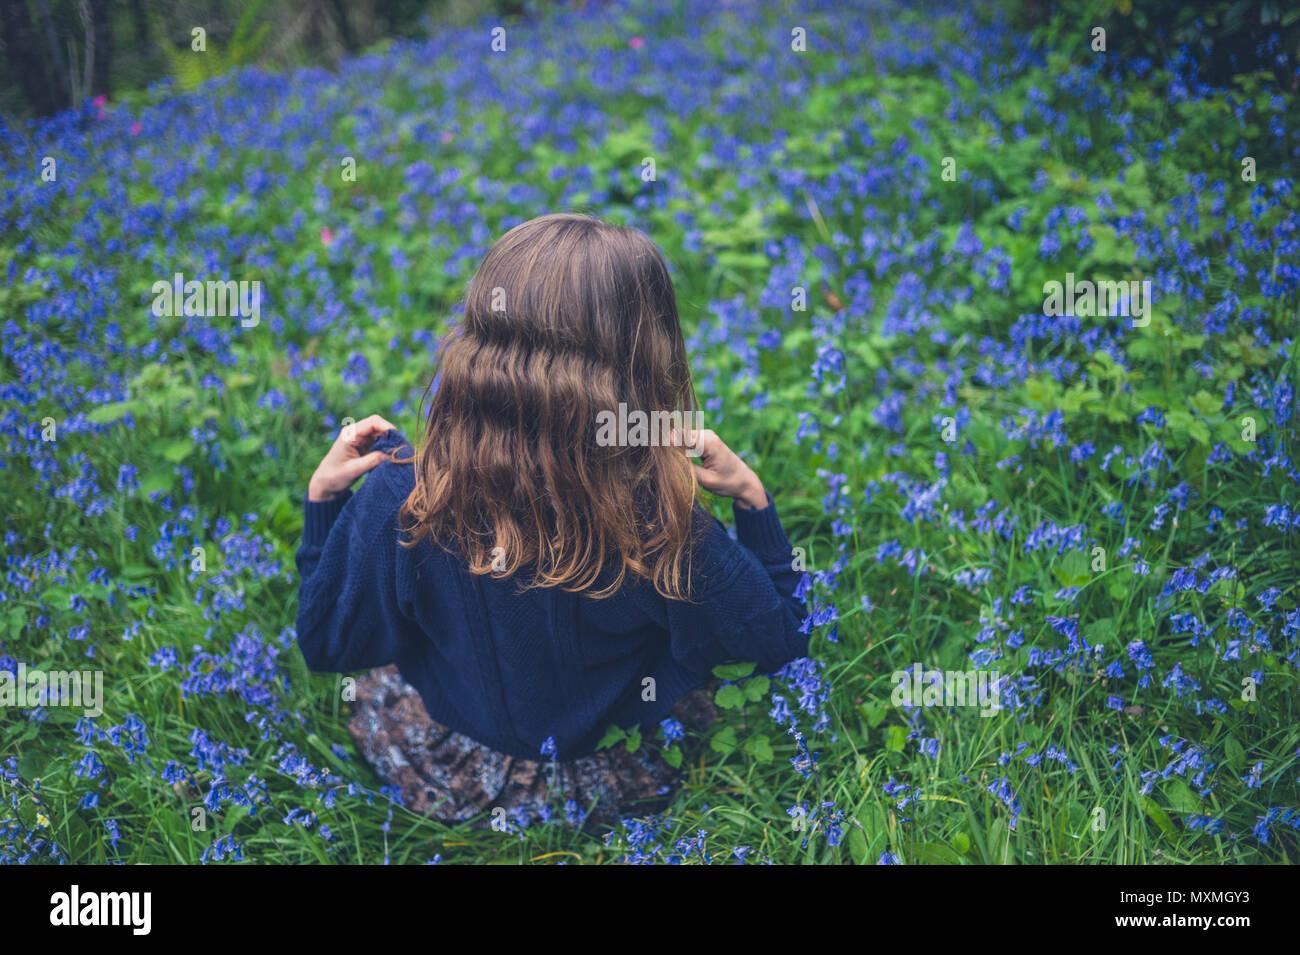 Una giovane donna è seduta in un prato di bluebells Immagini Stock